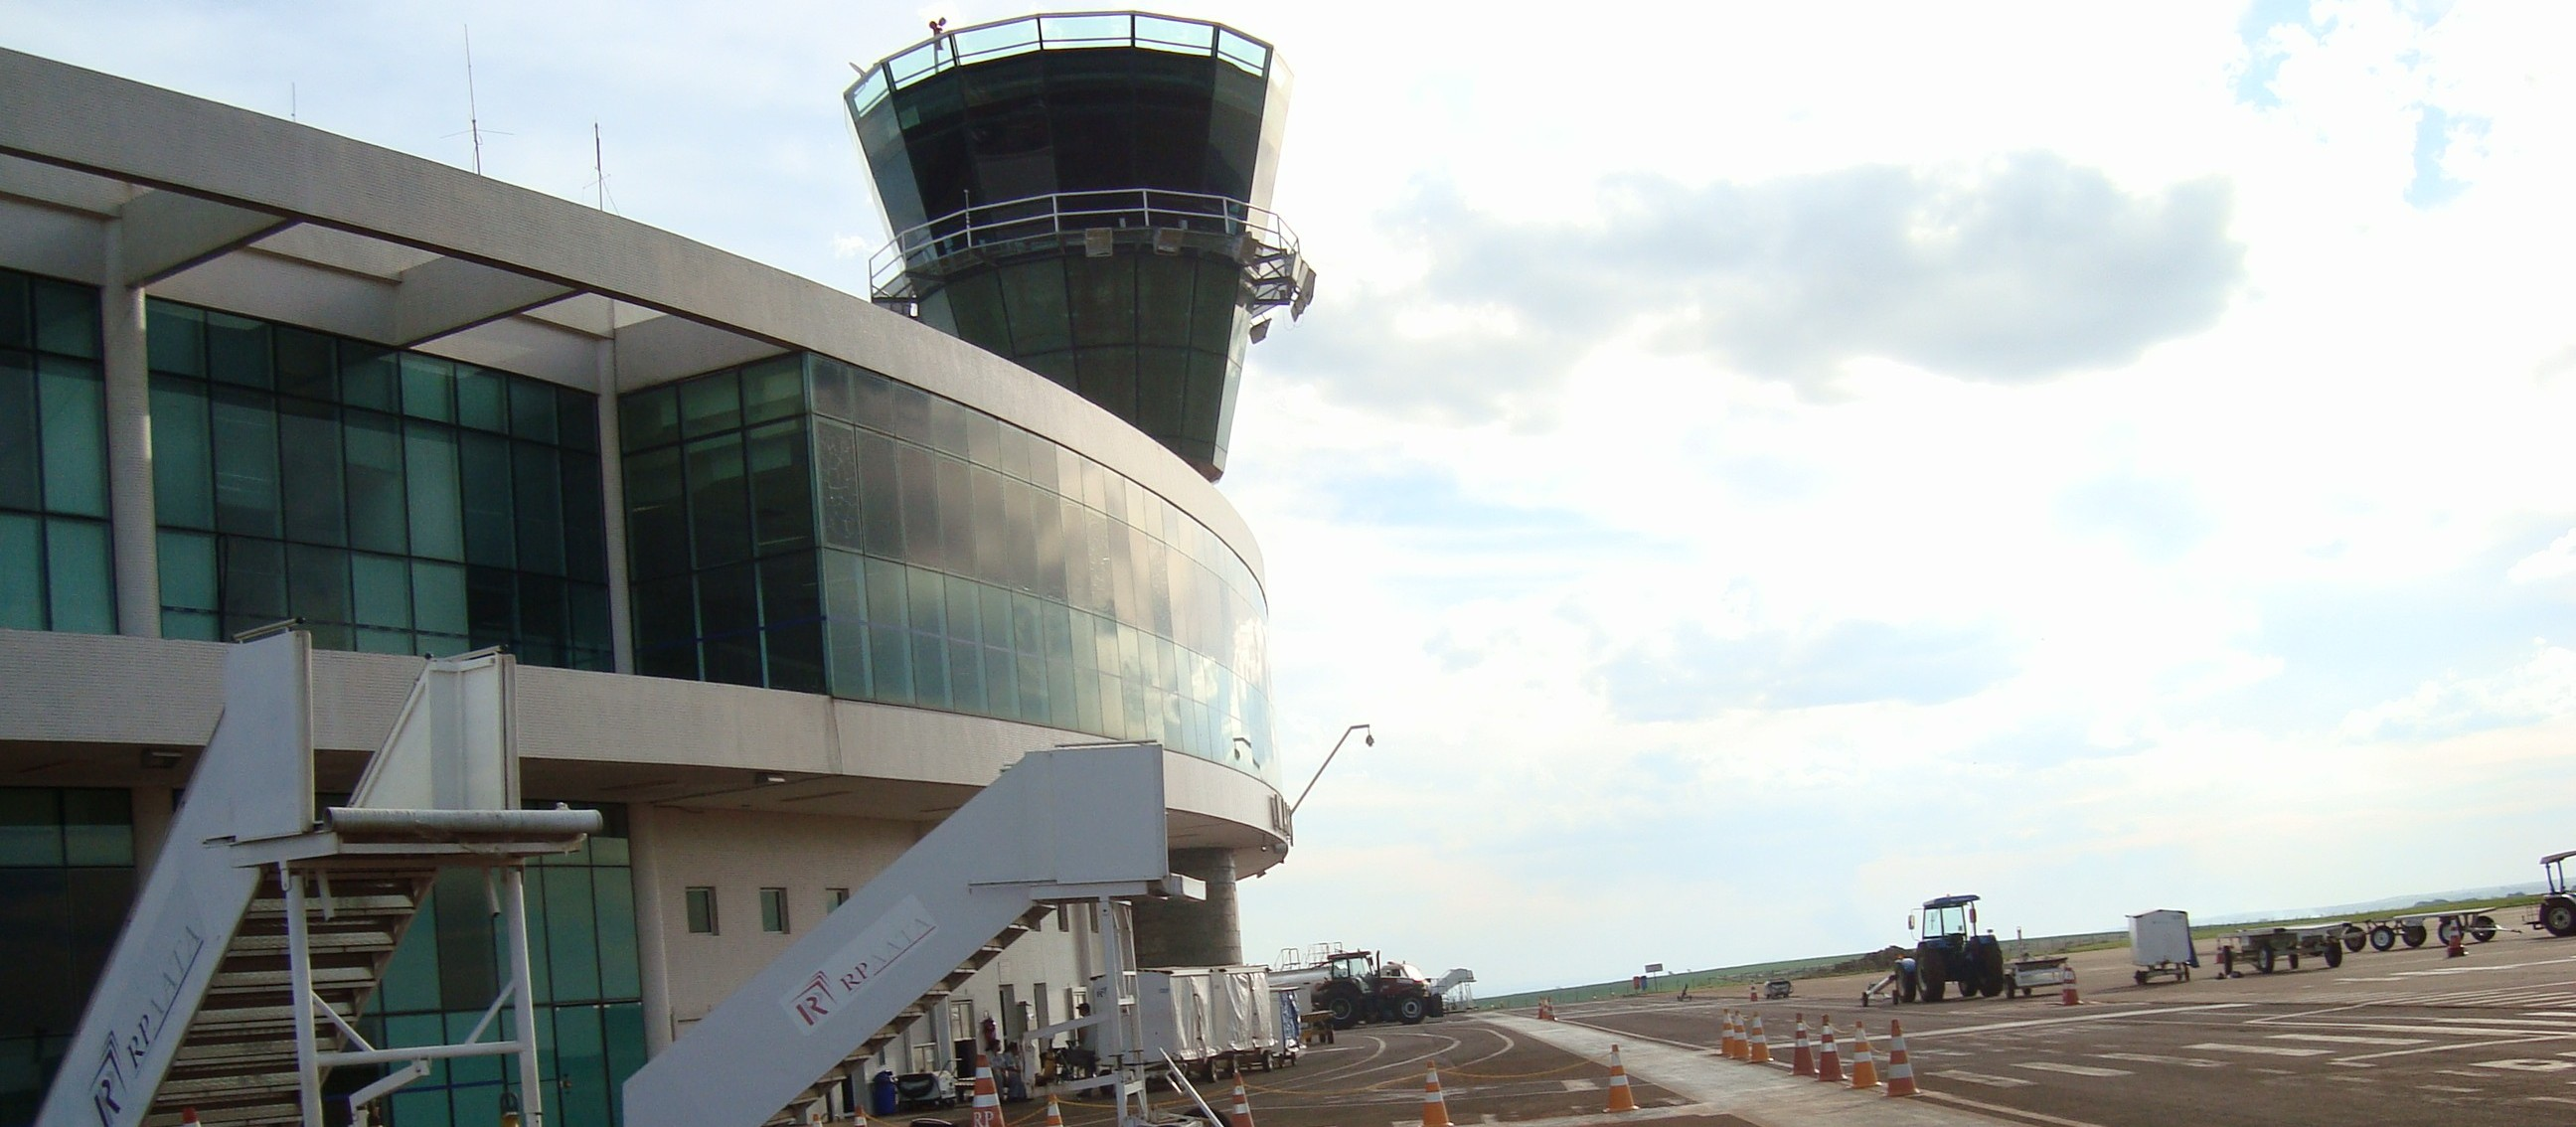 Pistas do aeroporto de Maringá passam por manutenção preventiva